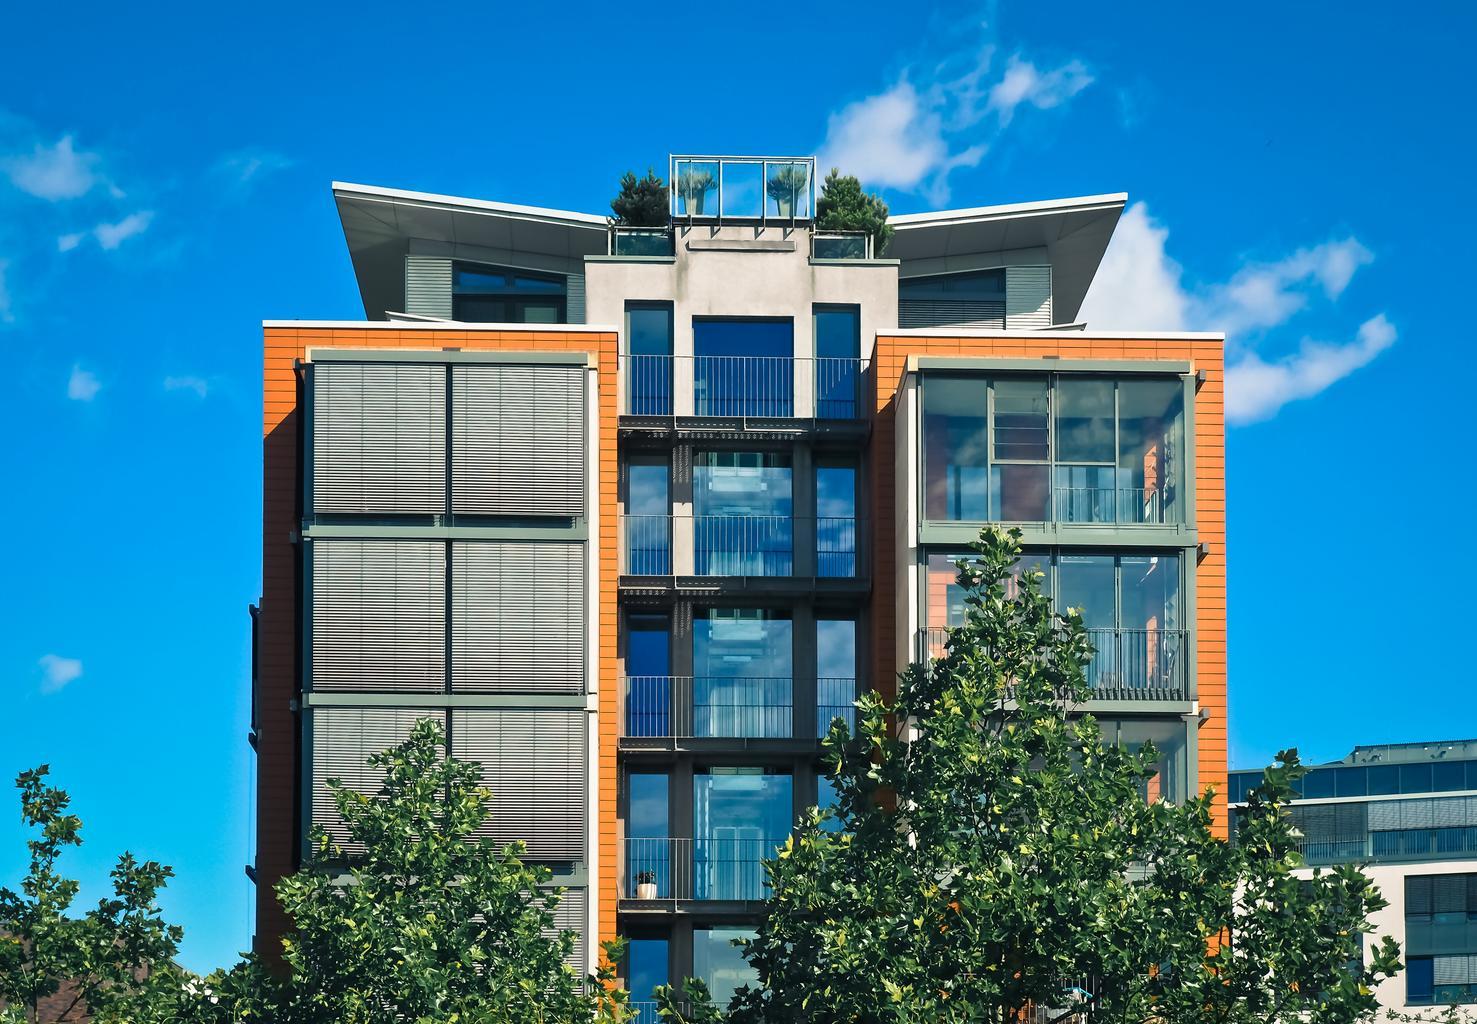 Zamerajme sa na výhody hliníkových okien